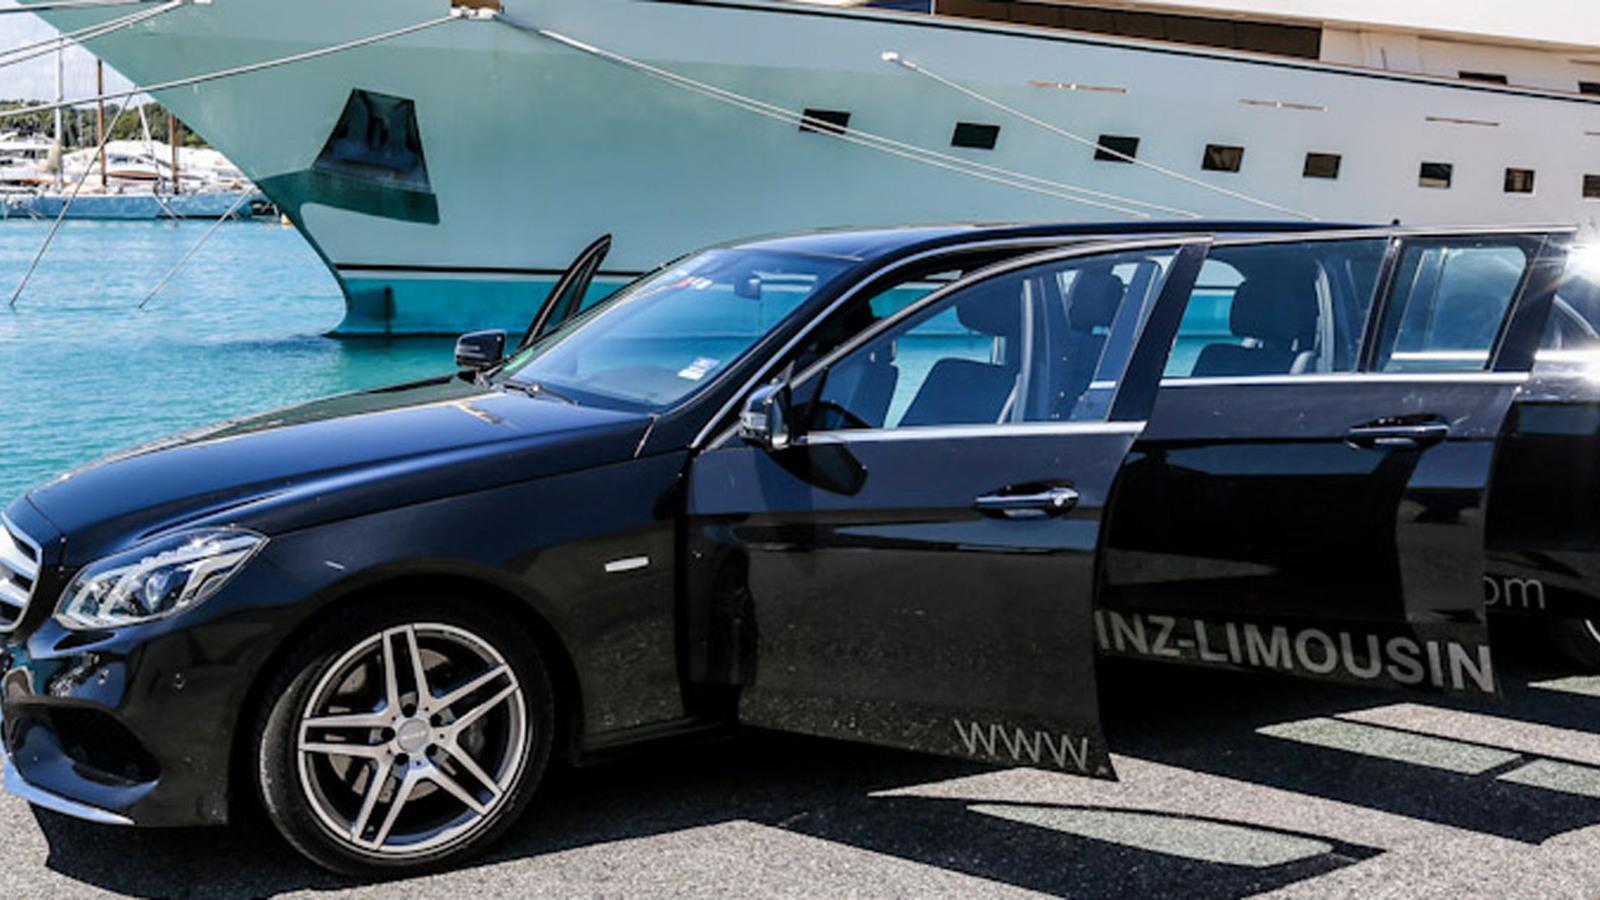 Six-door 2014 Mercedes-Benz E-Class by Binz